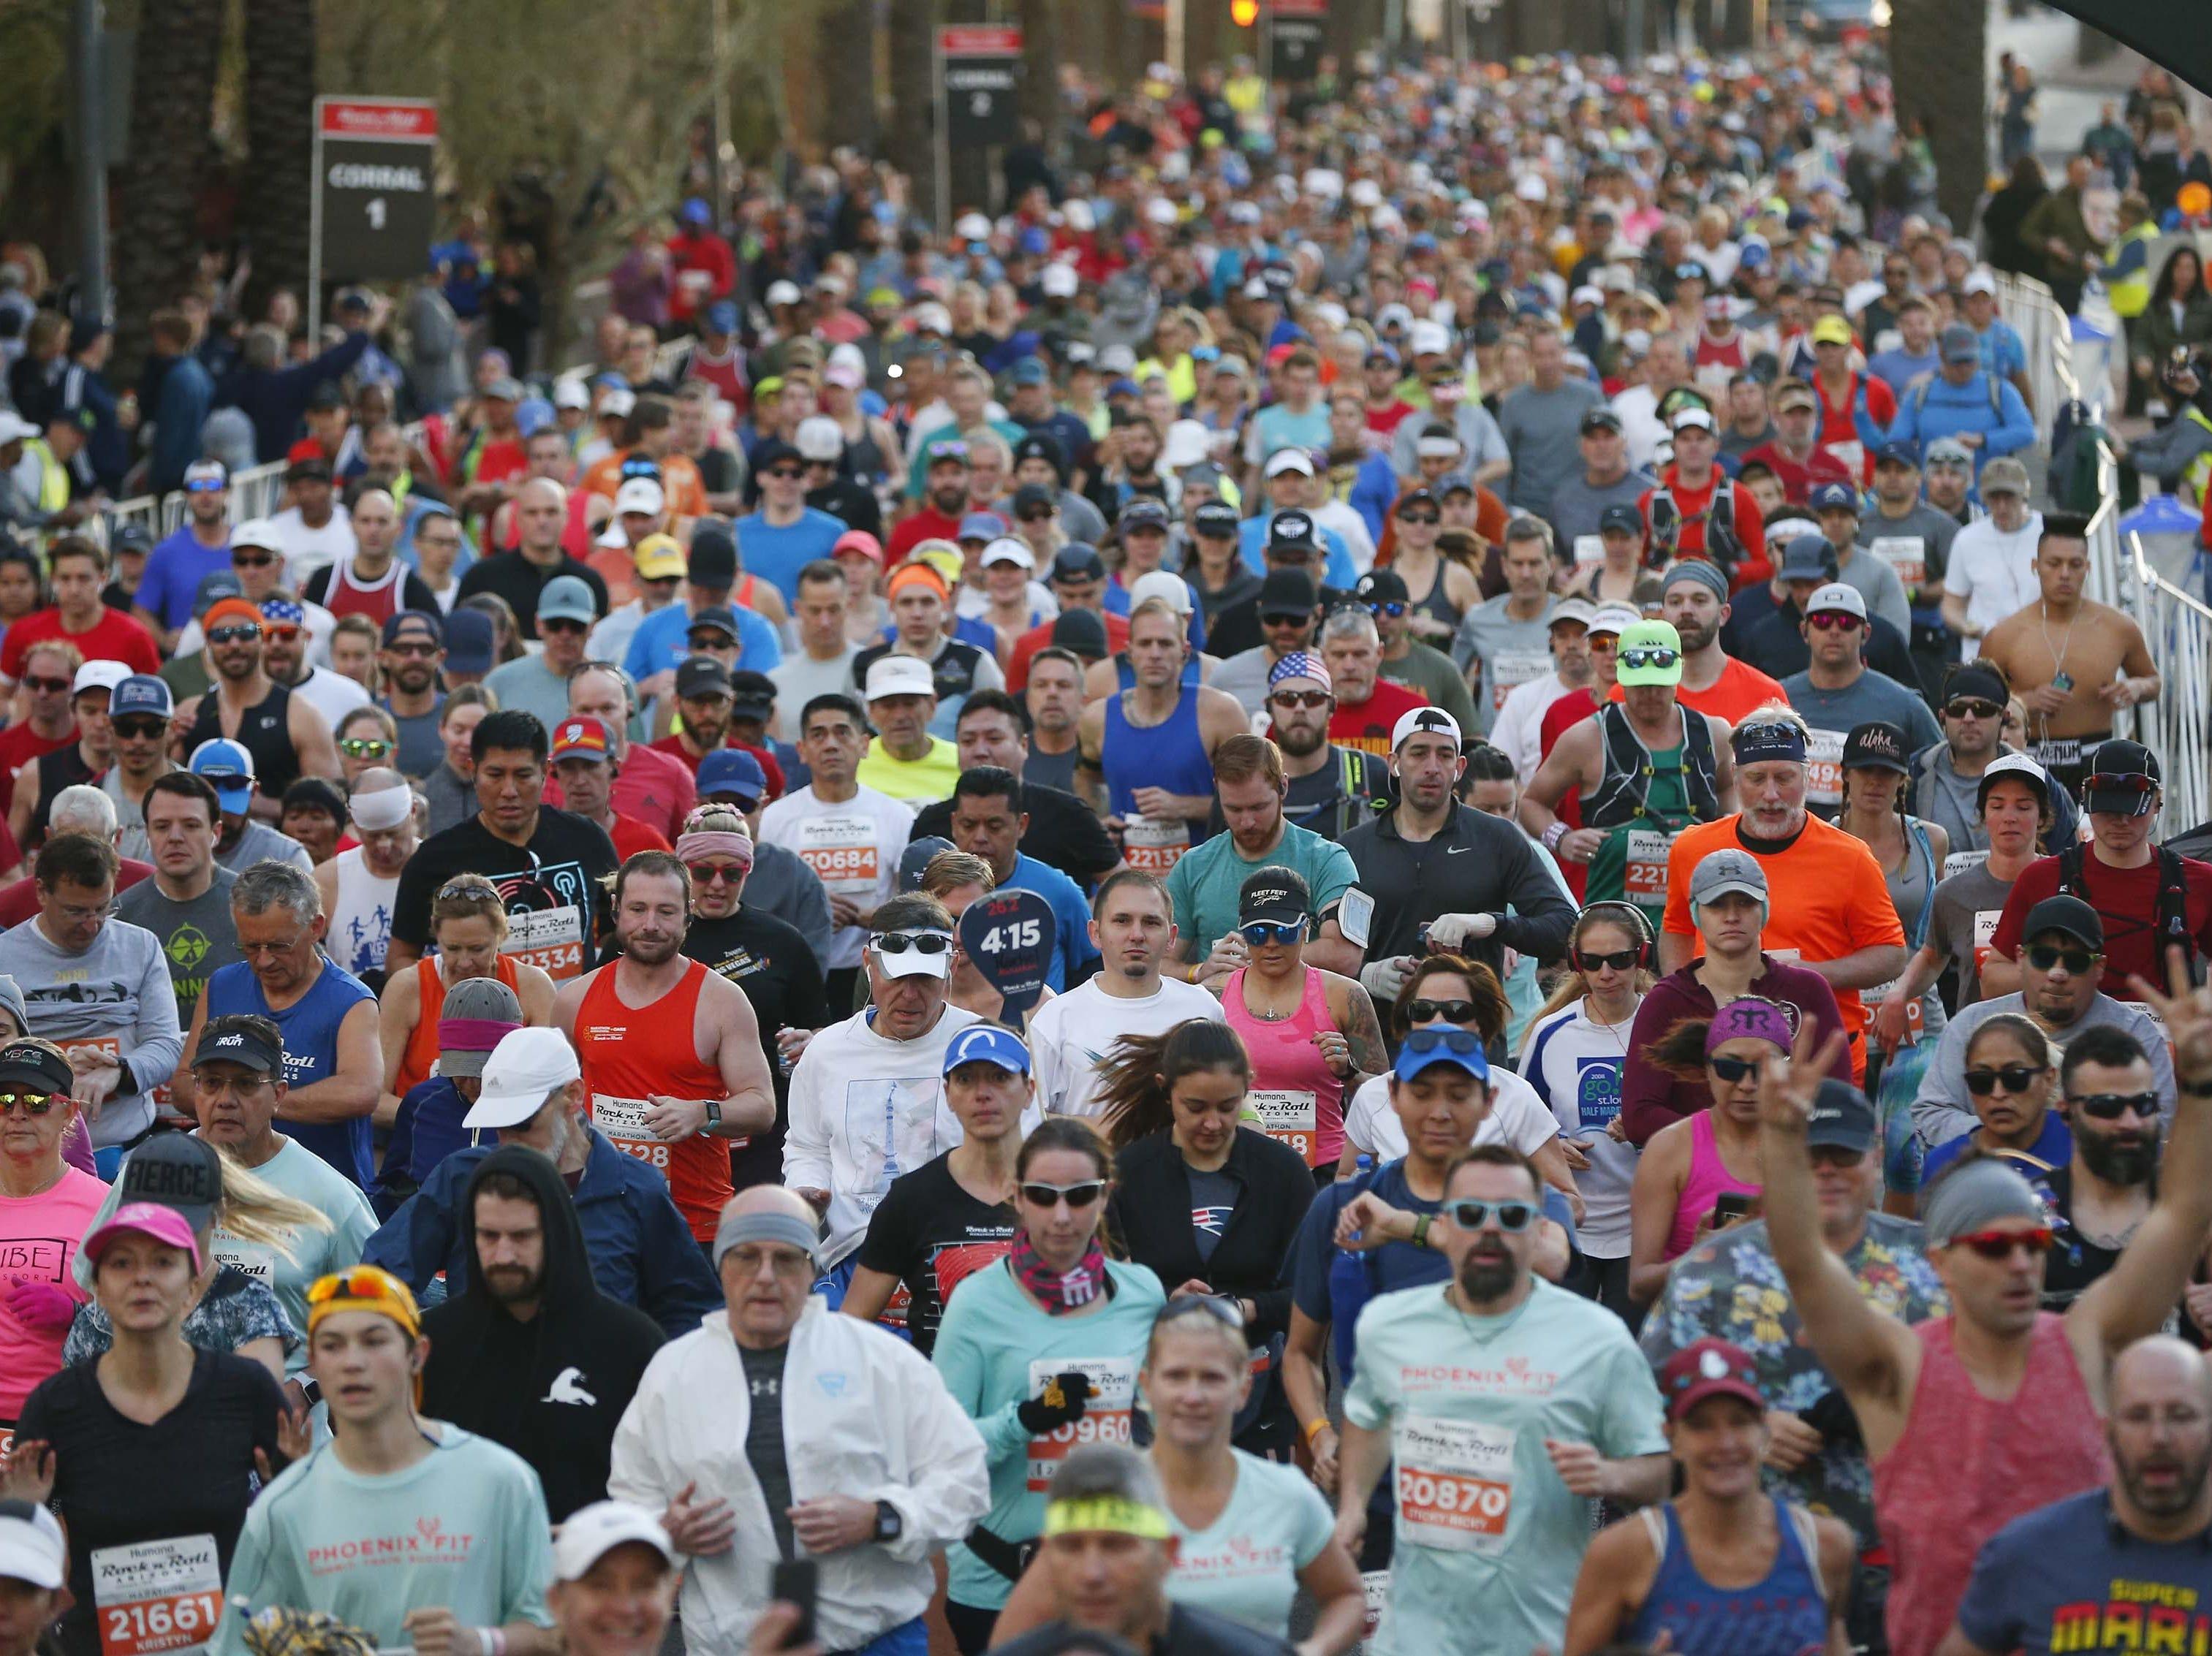 Runners begin the Rock 'n' Roll Marathon in Phoenix, Jan. 20, 2019.